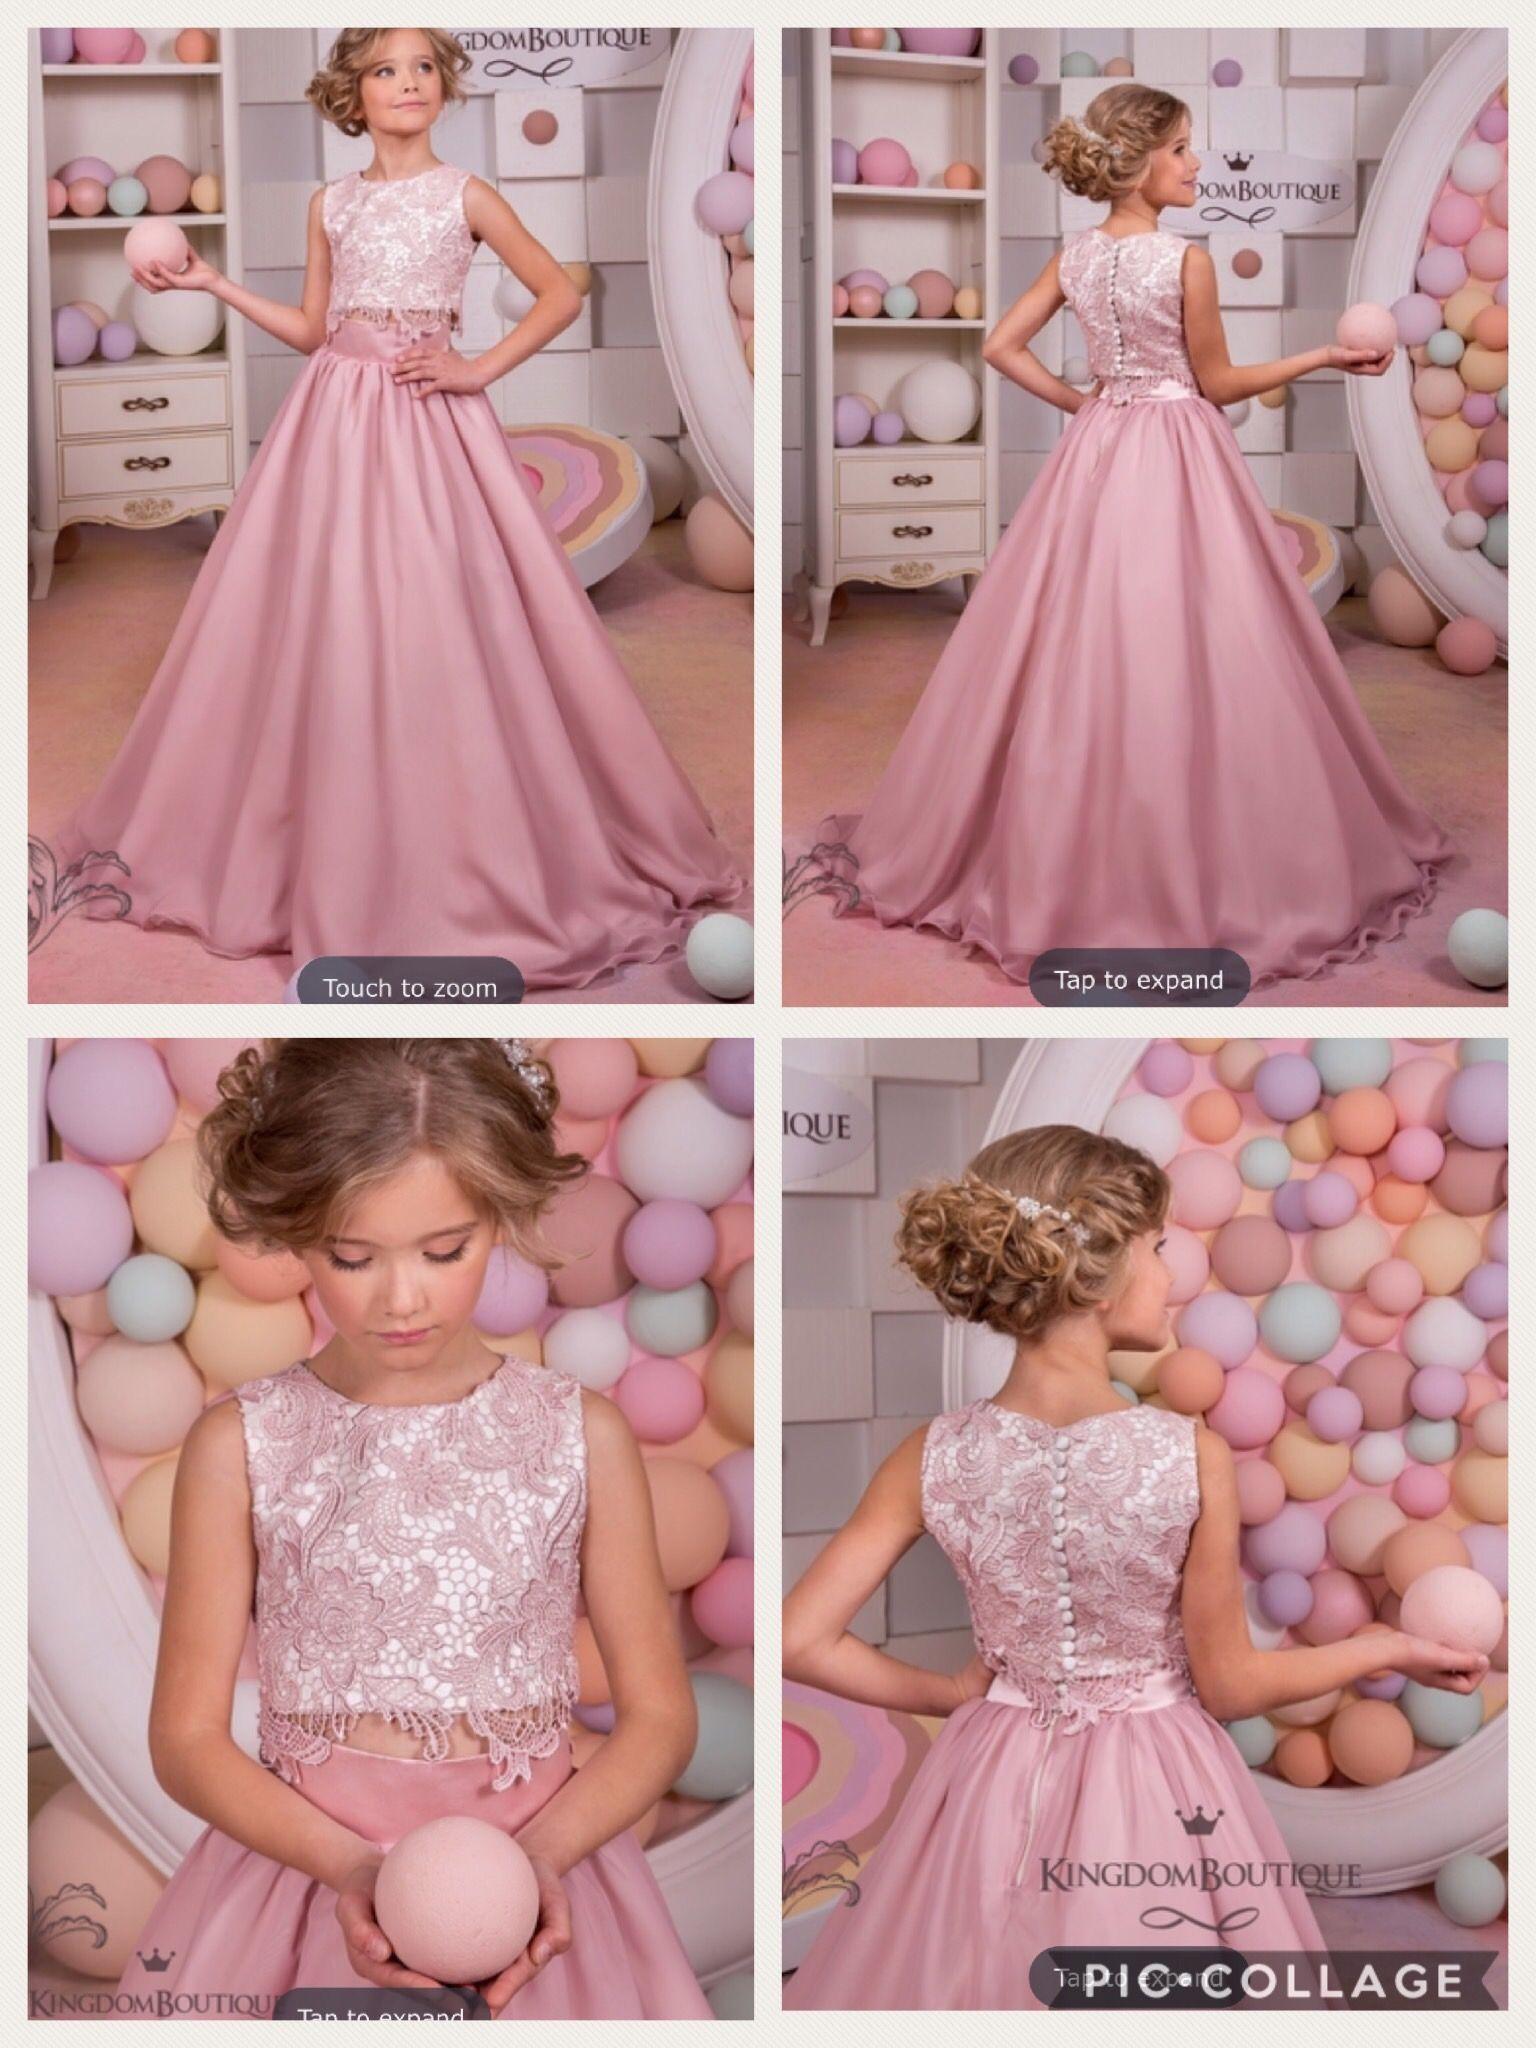 Kingdom Boutique Girls dresses | Kingdom Boutique | Pinterest ...